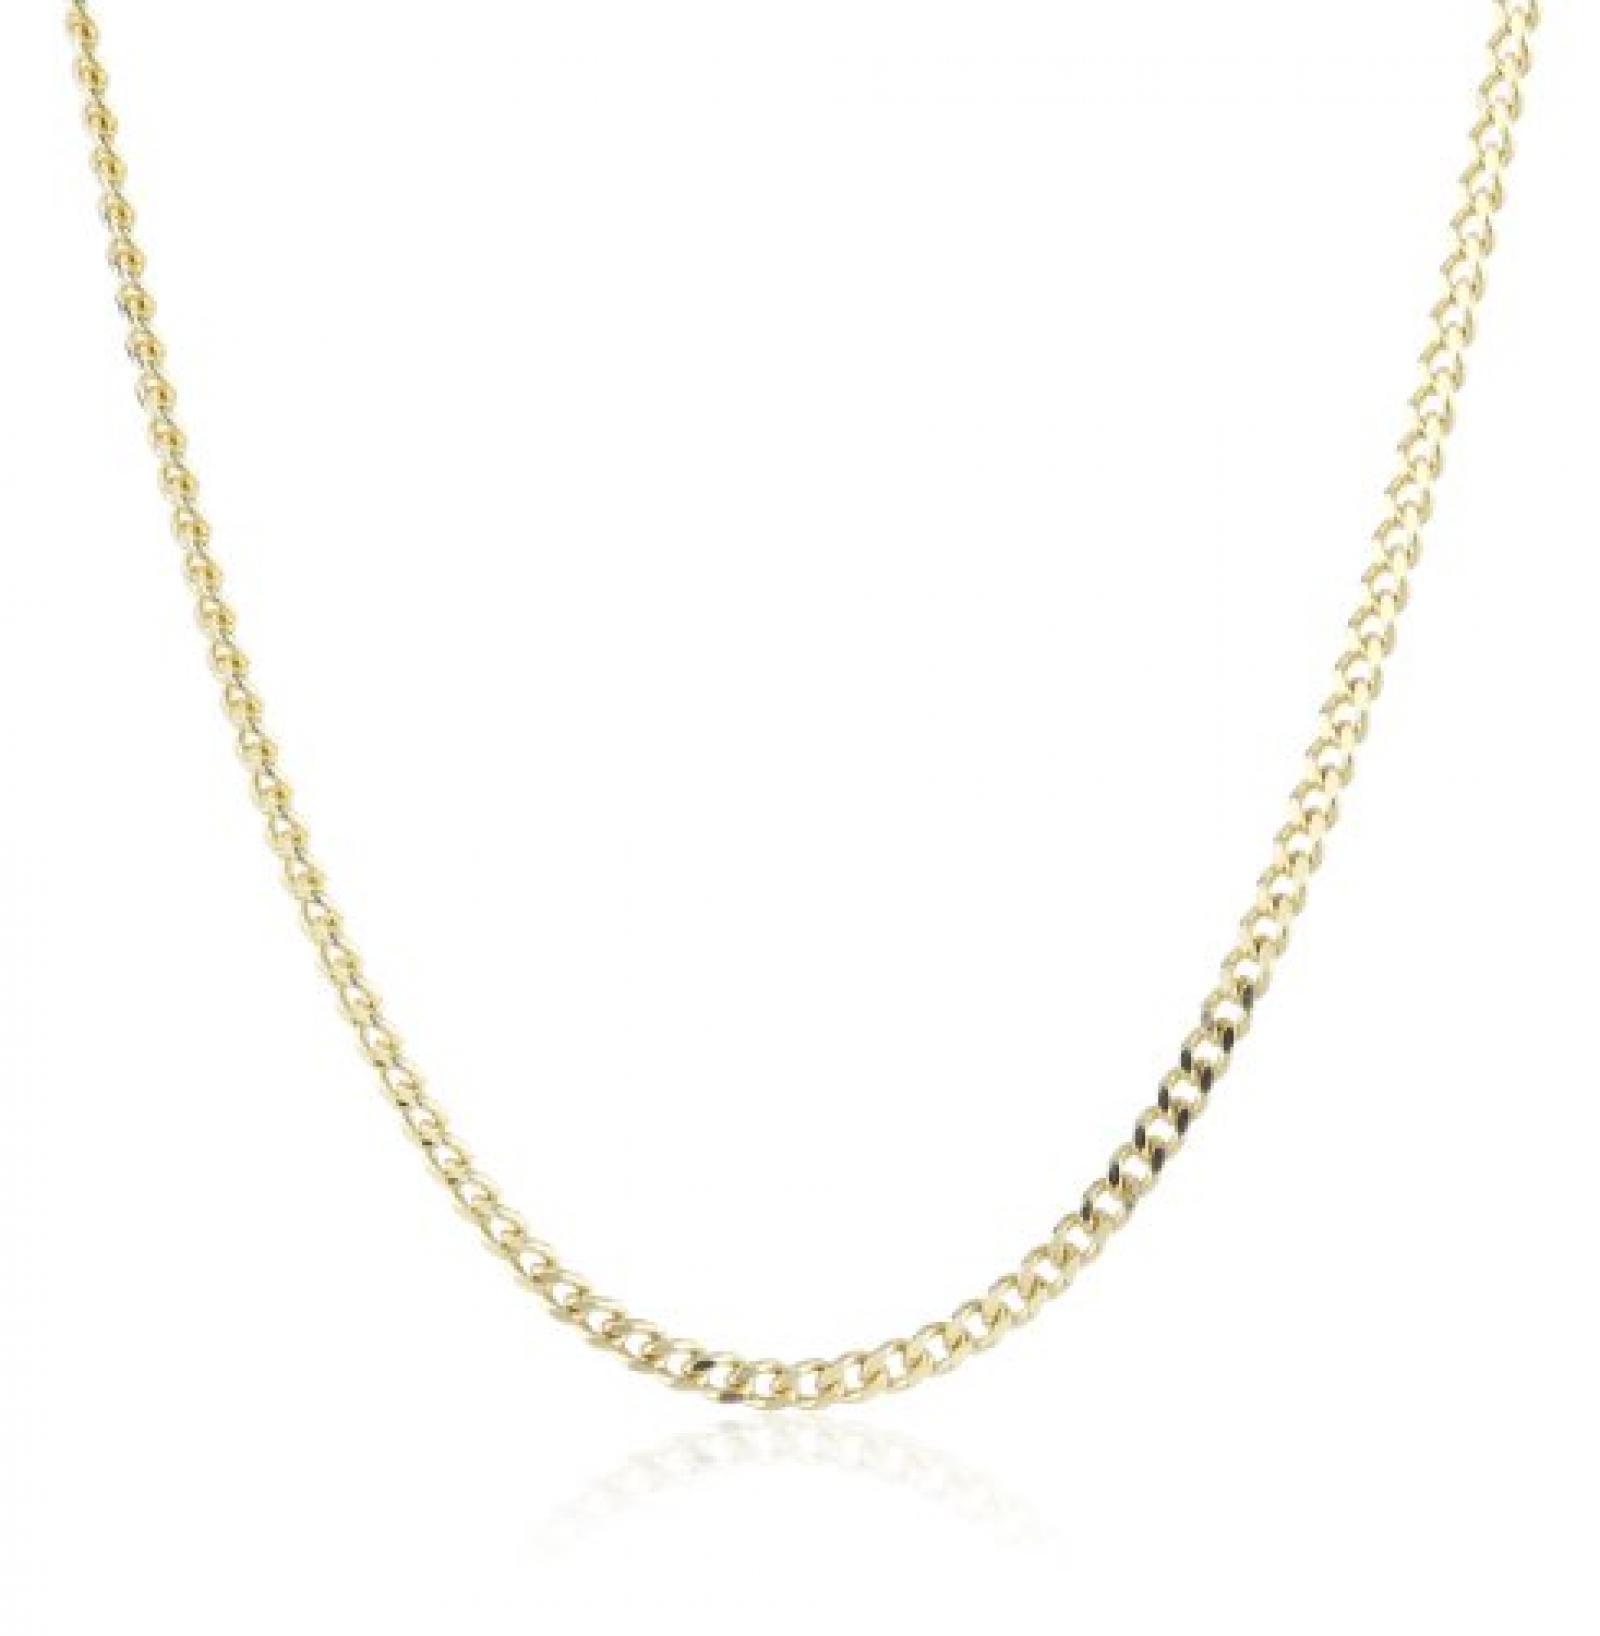 Amor Jewelry Unisex-Halskette 14 Karat 585 Gelbgold 74094